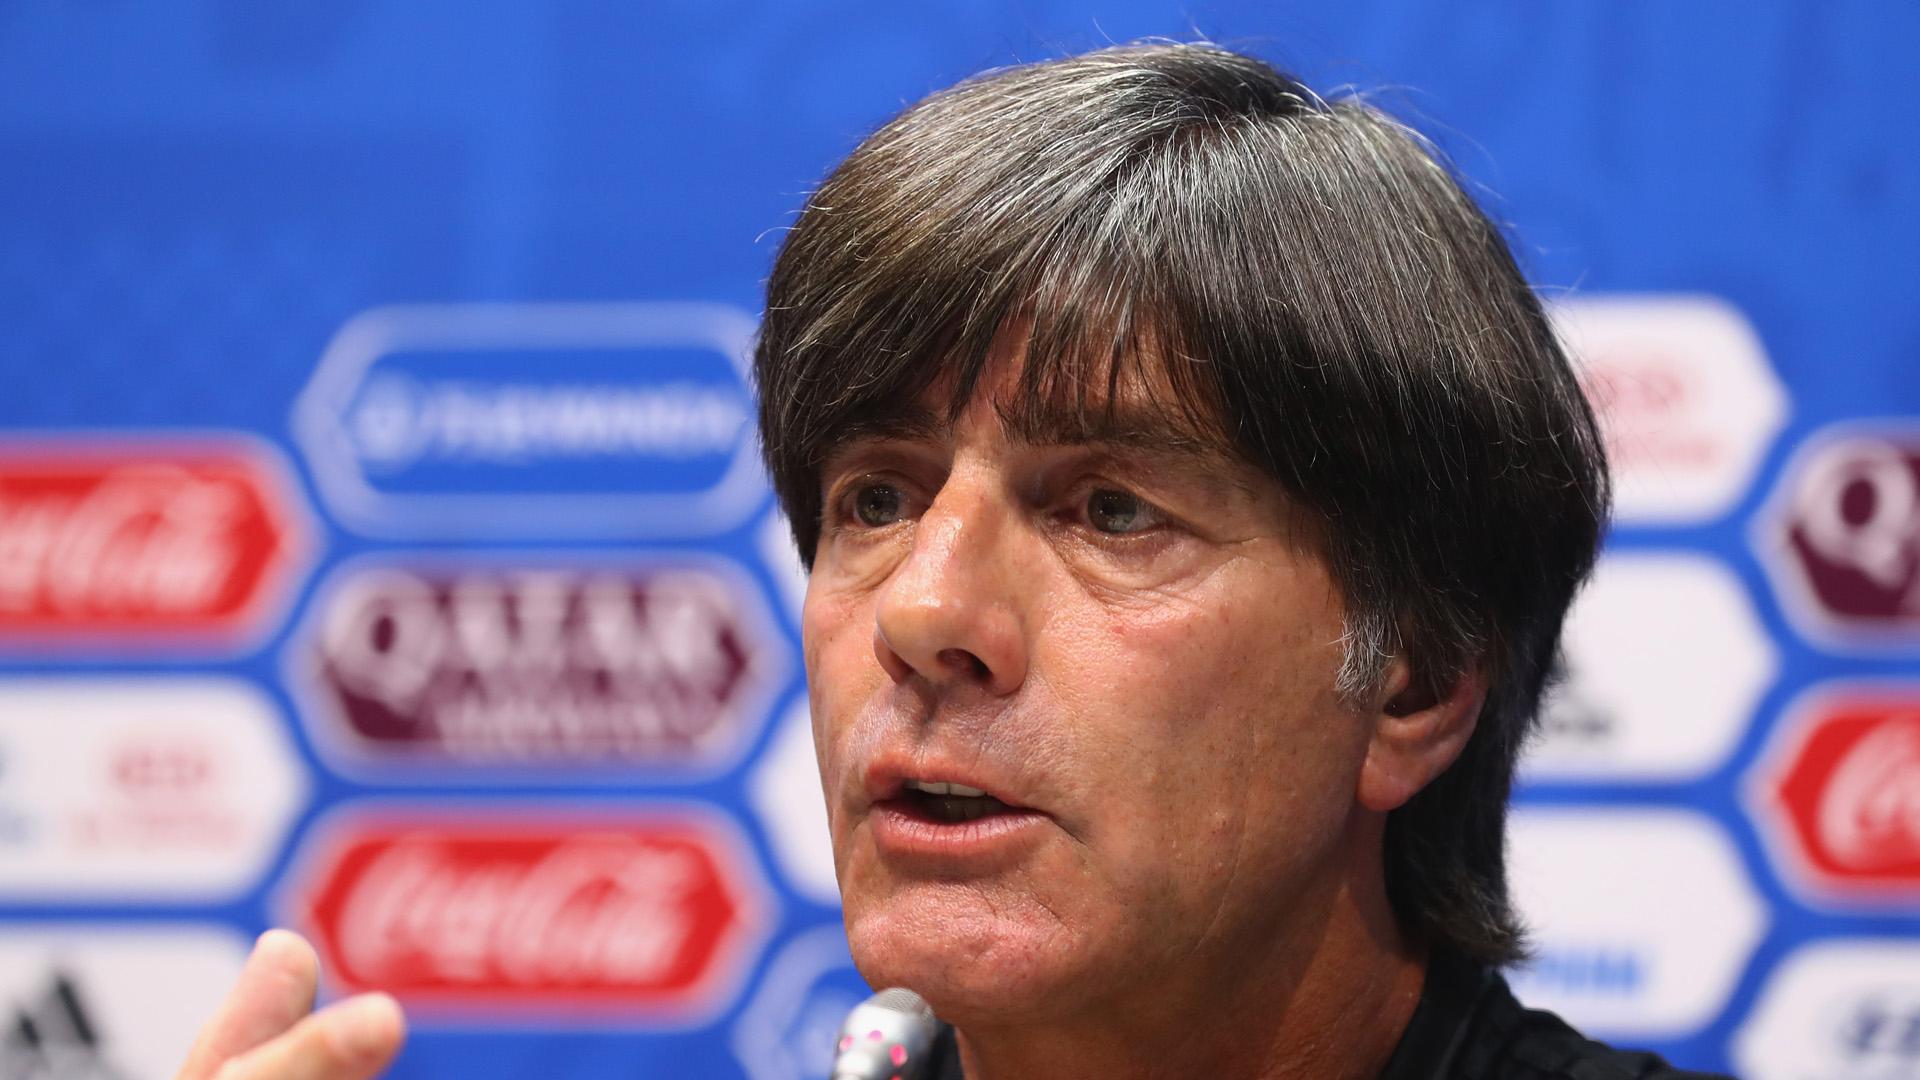 joachim löw deutschland nationalmannschaft confed cup 061817